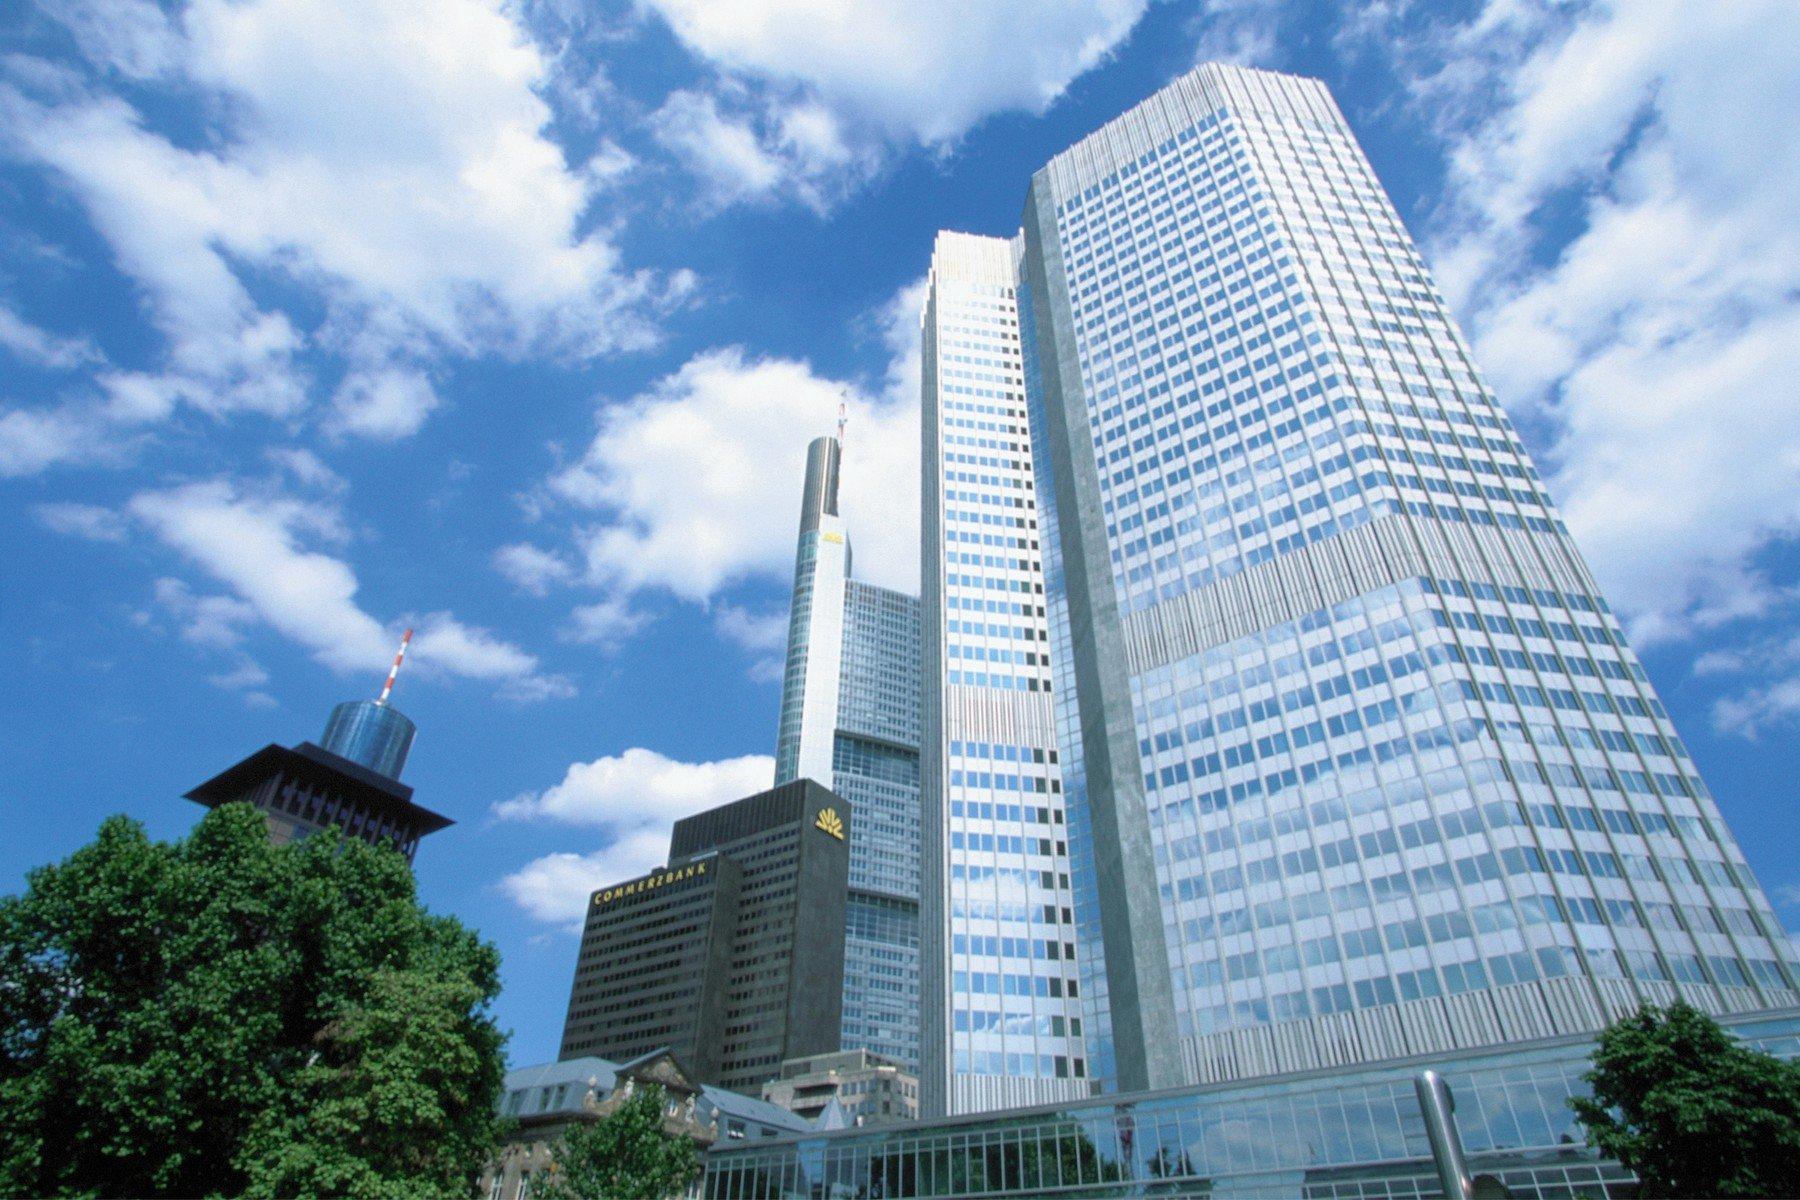 Sjedište Europske centralne banke u Frankfurtu